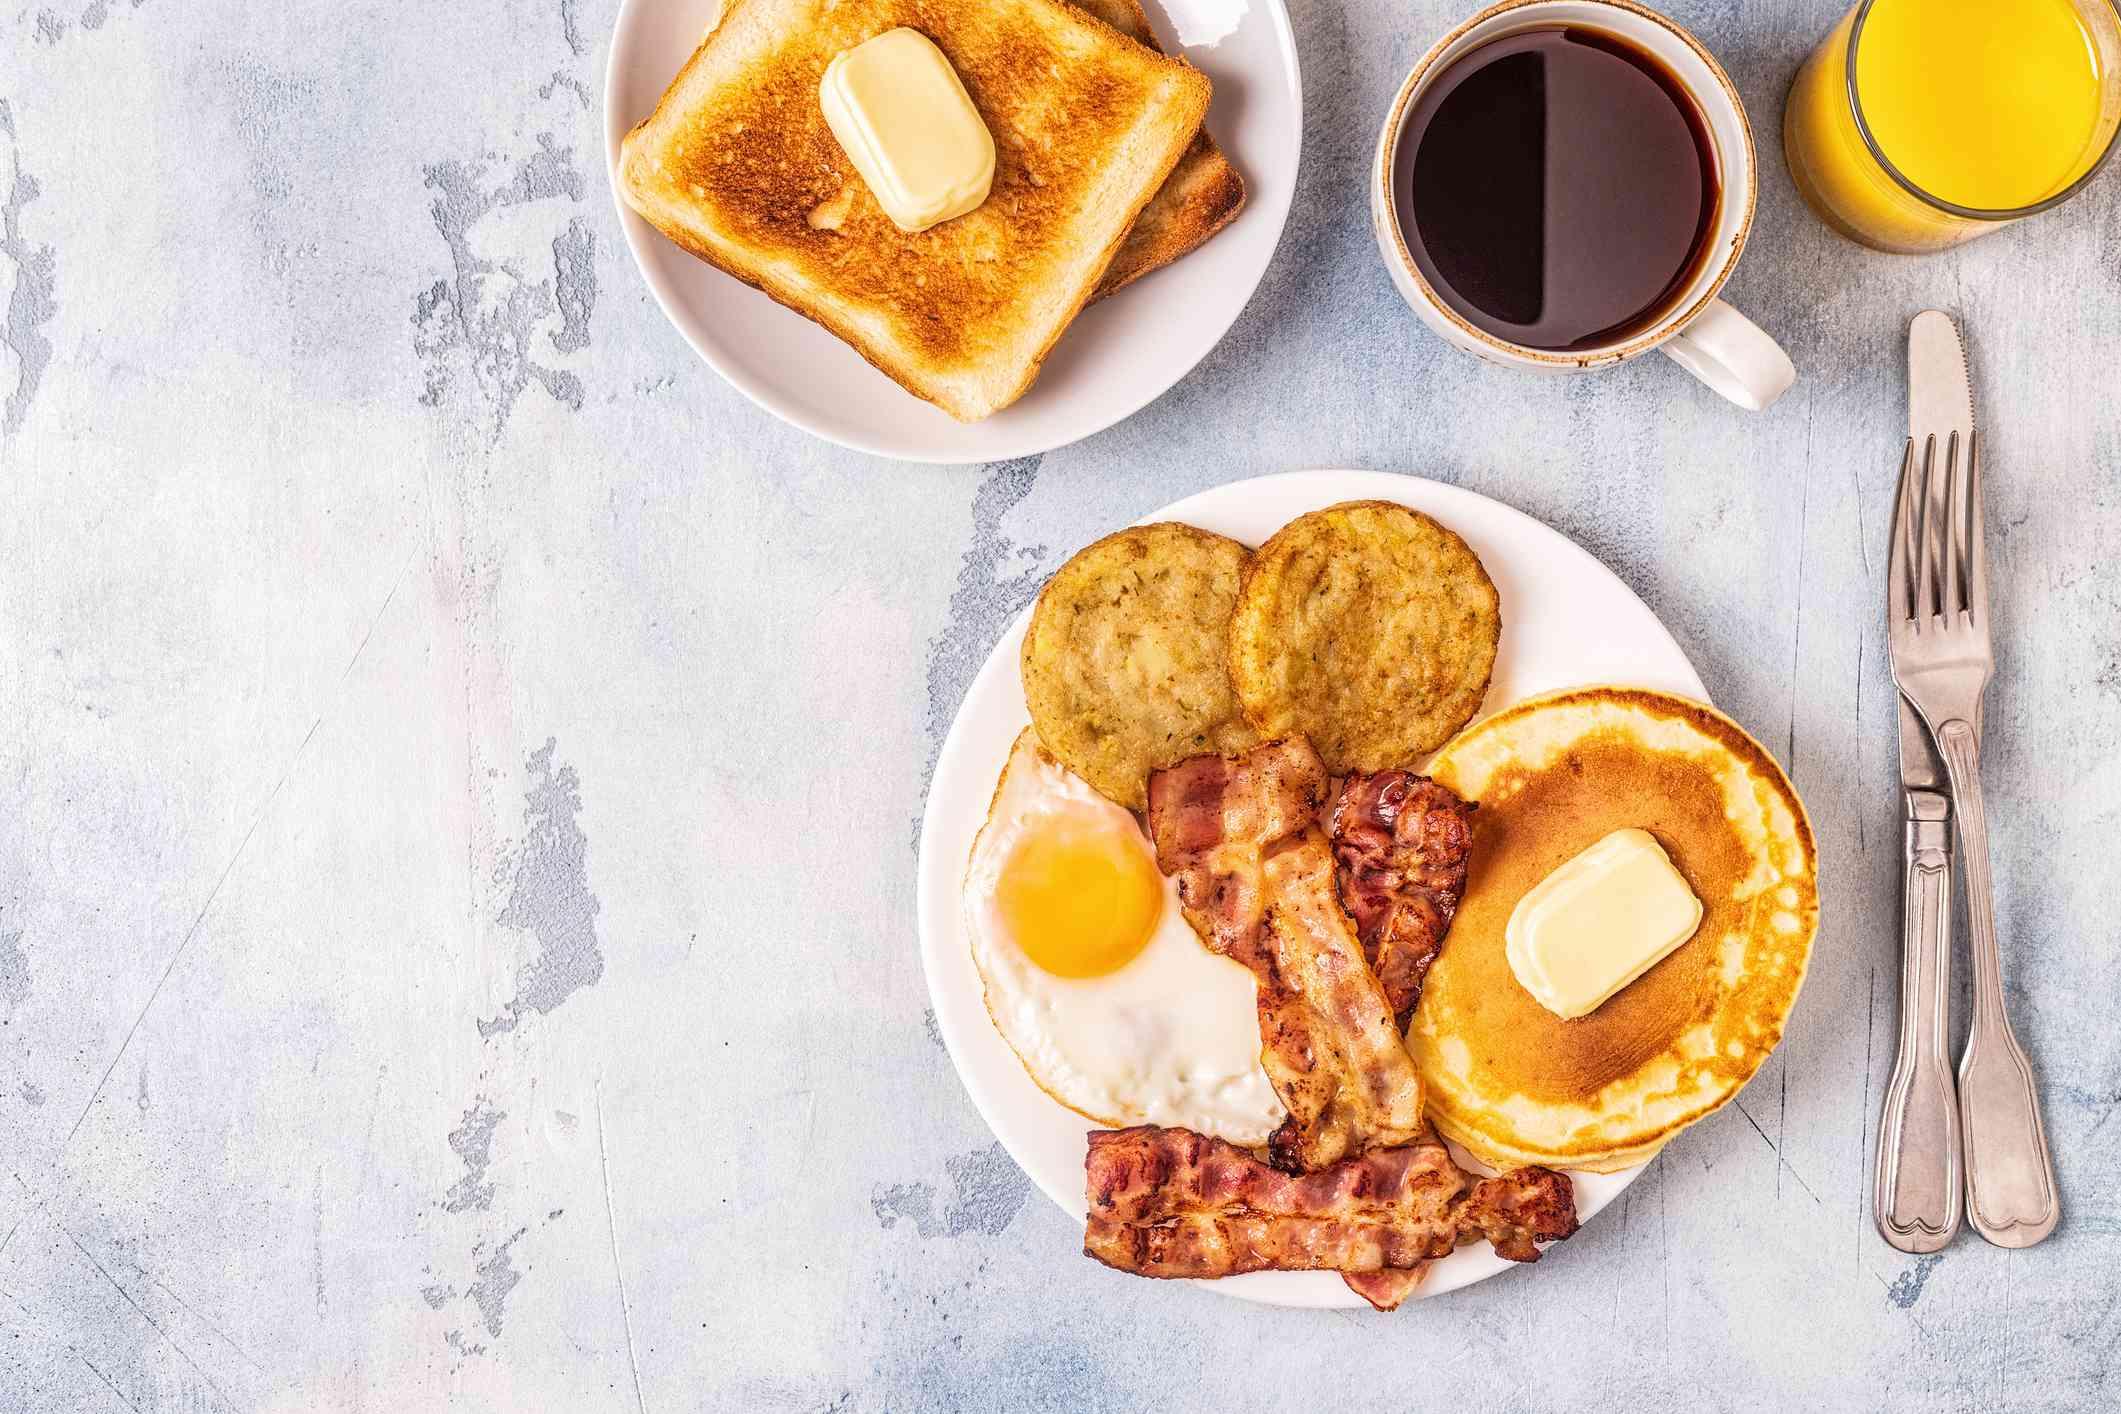 Breakfast food items on table